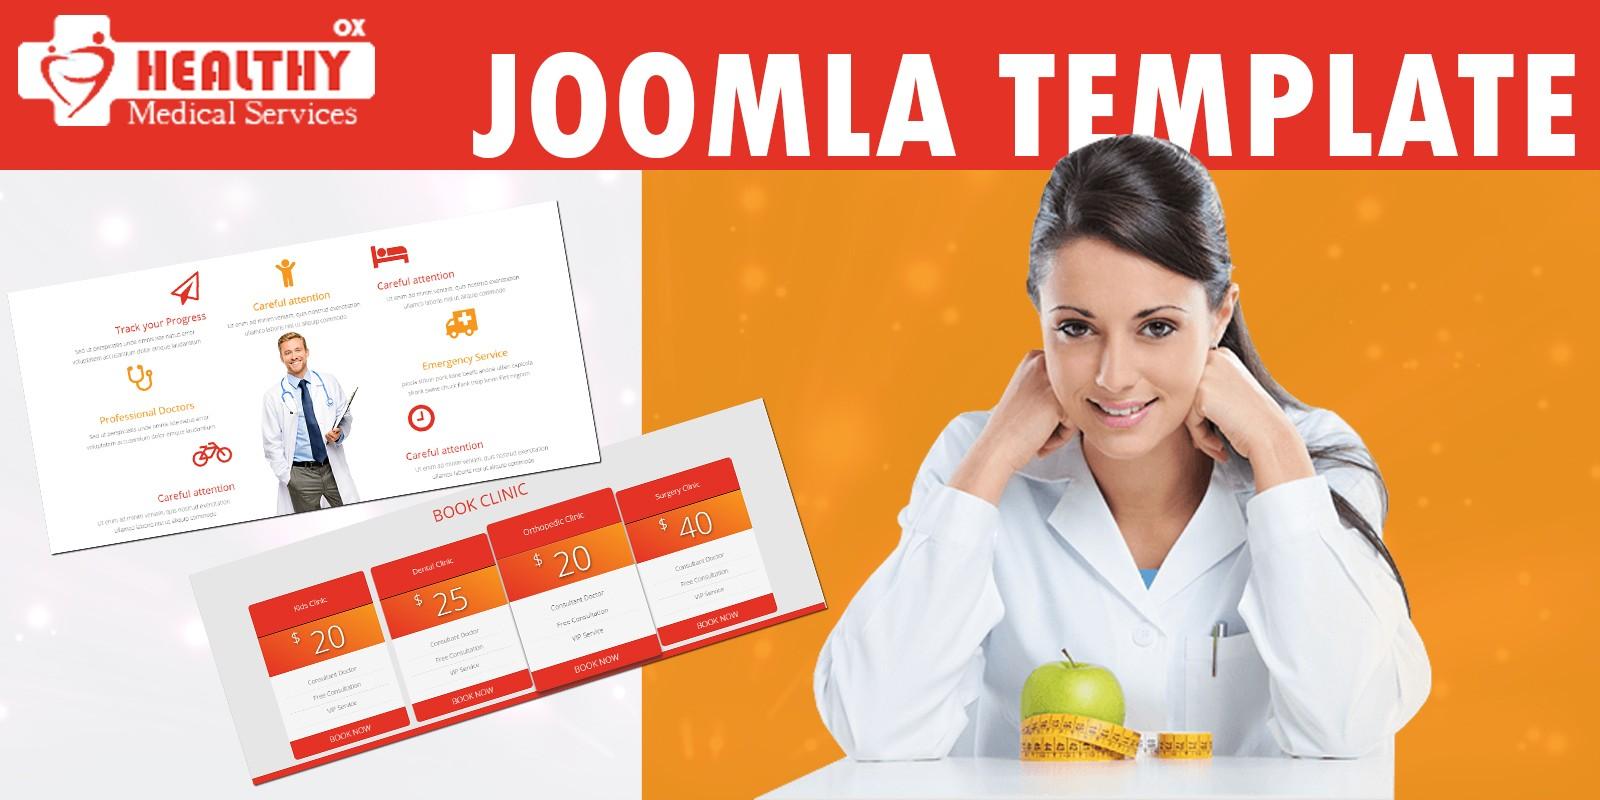 Healthy OX - Joomla Template